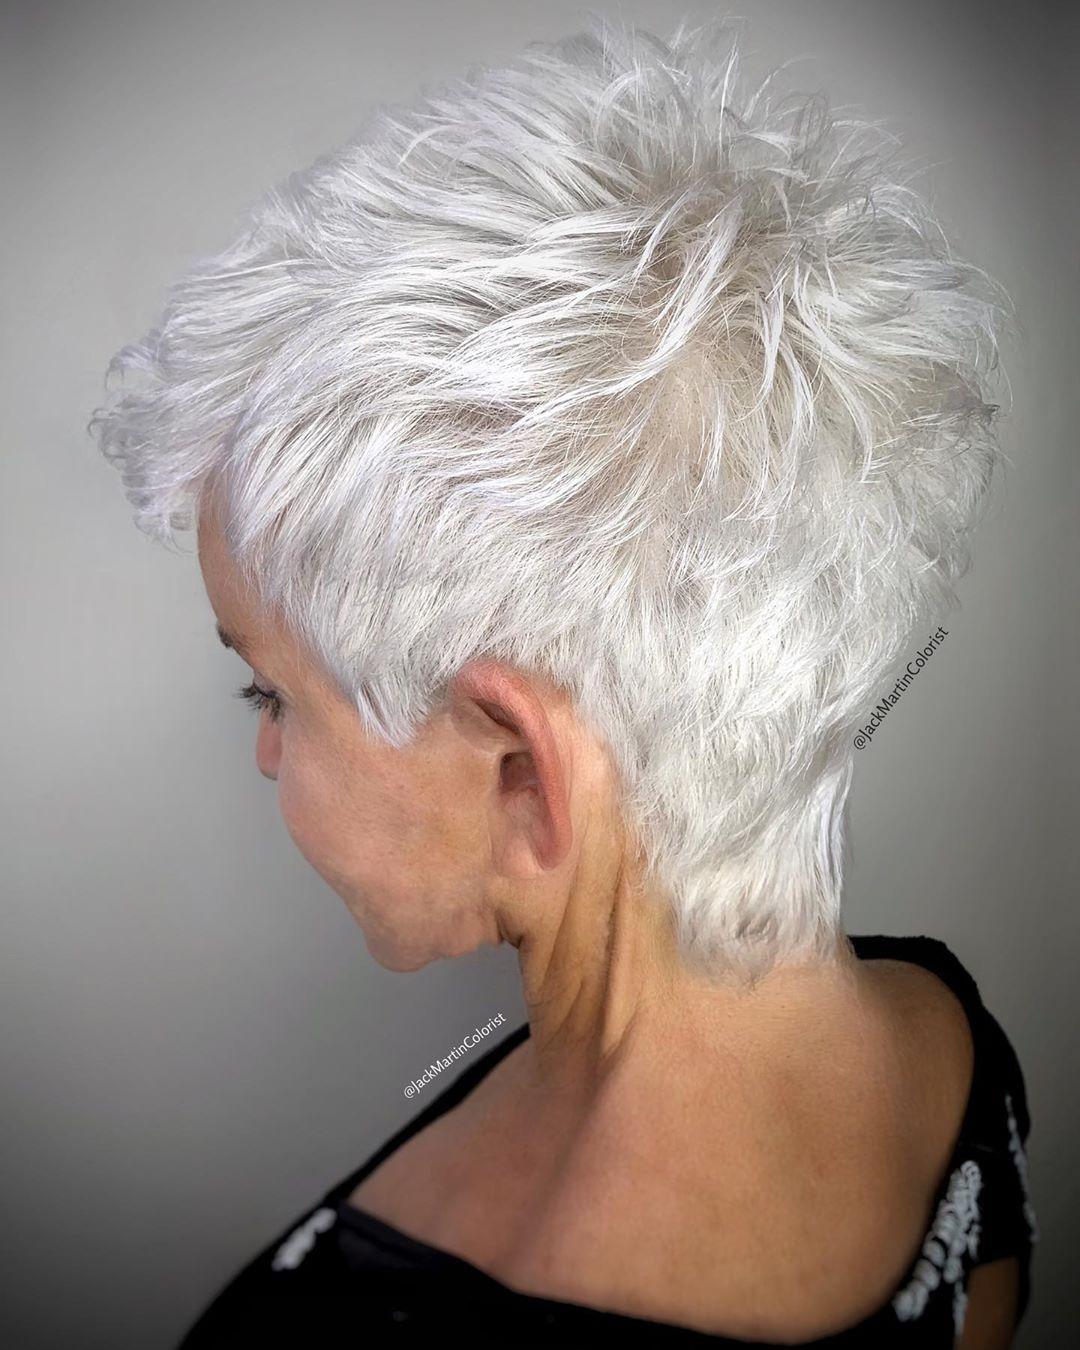 Pixie cut su capelli bianco neve, perfetto per le donne più mature